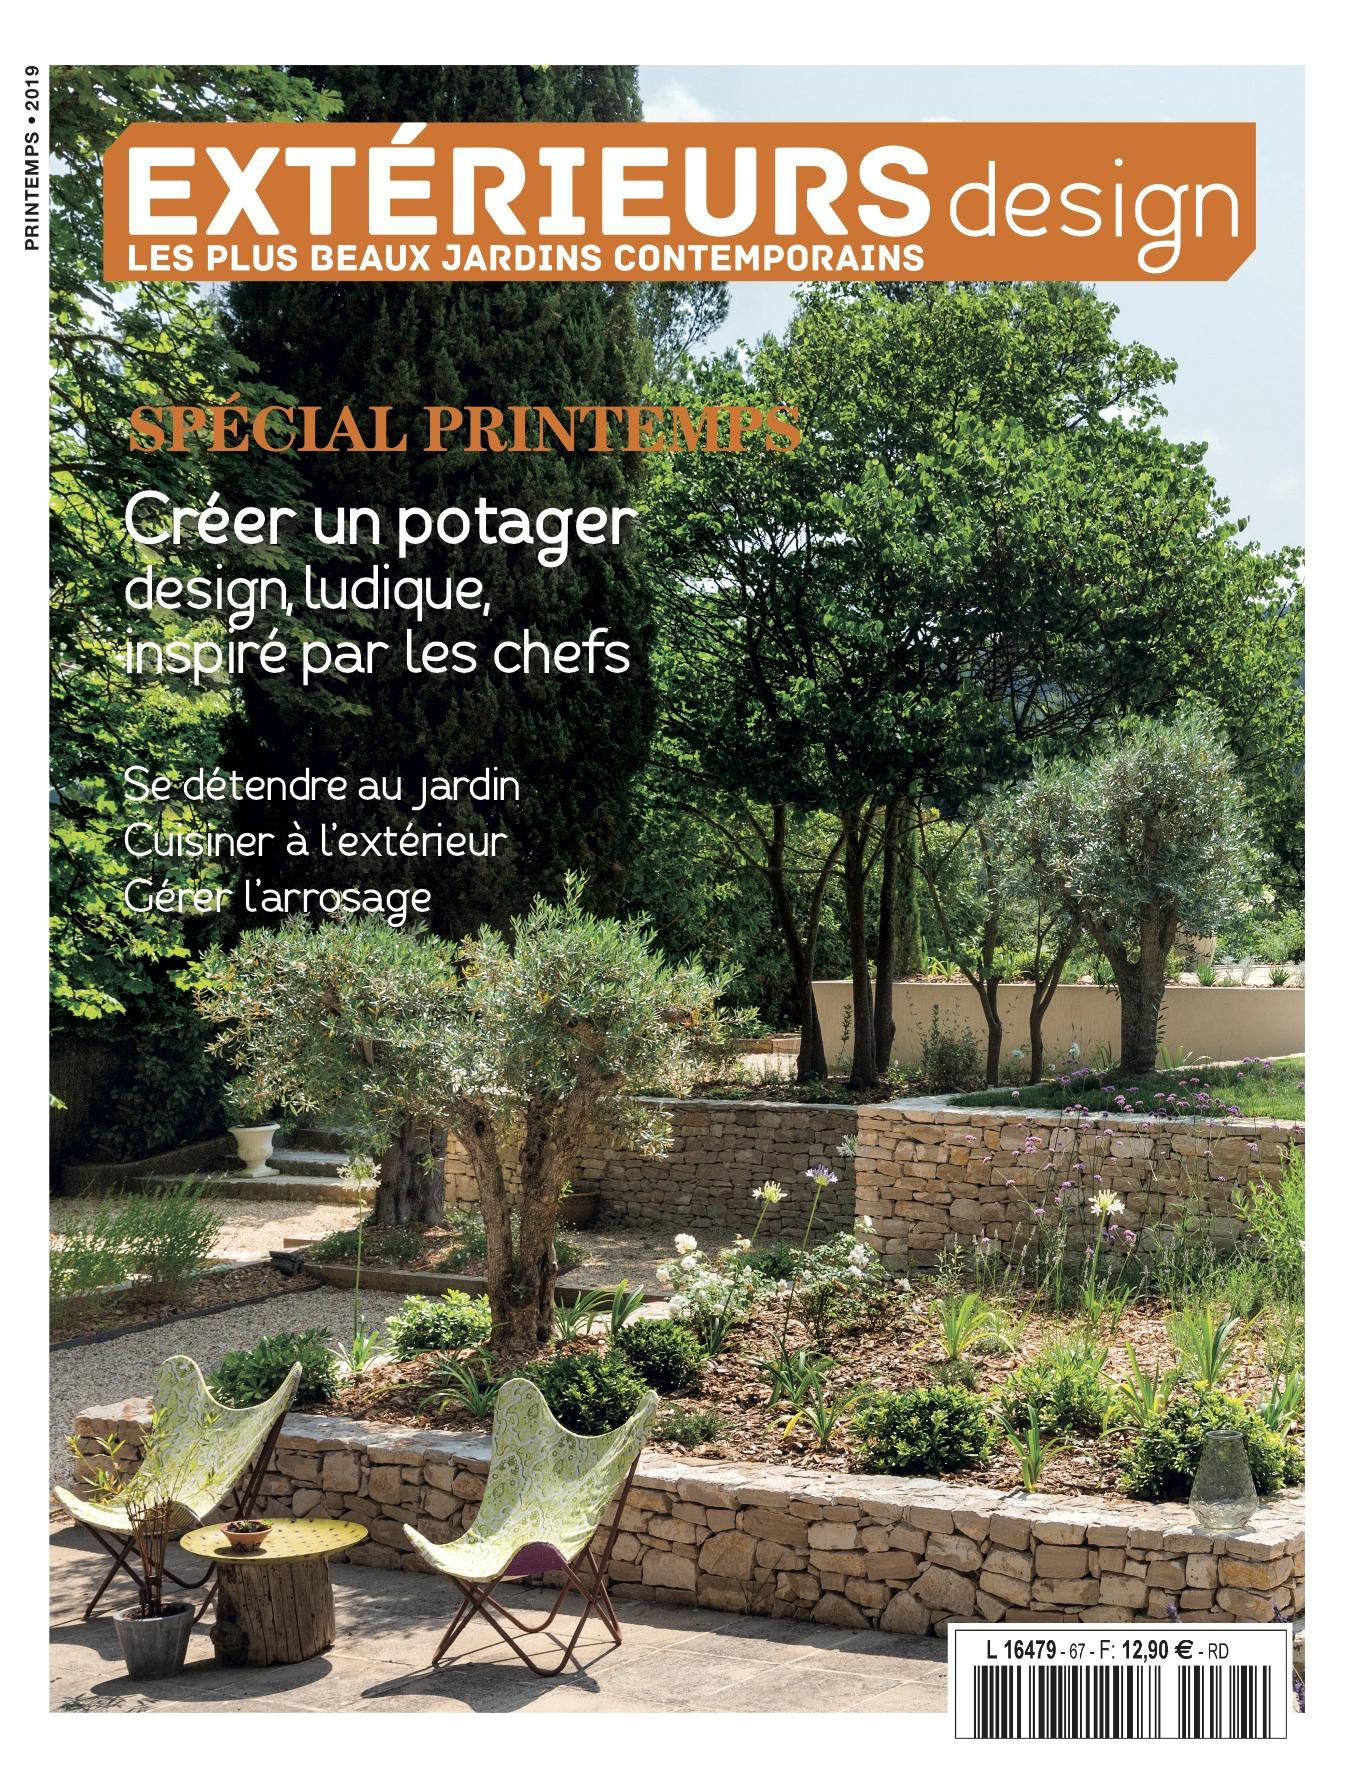 Extérieurs Design Abonnement pour Détente Jardin Abonnement